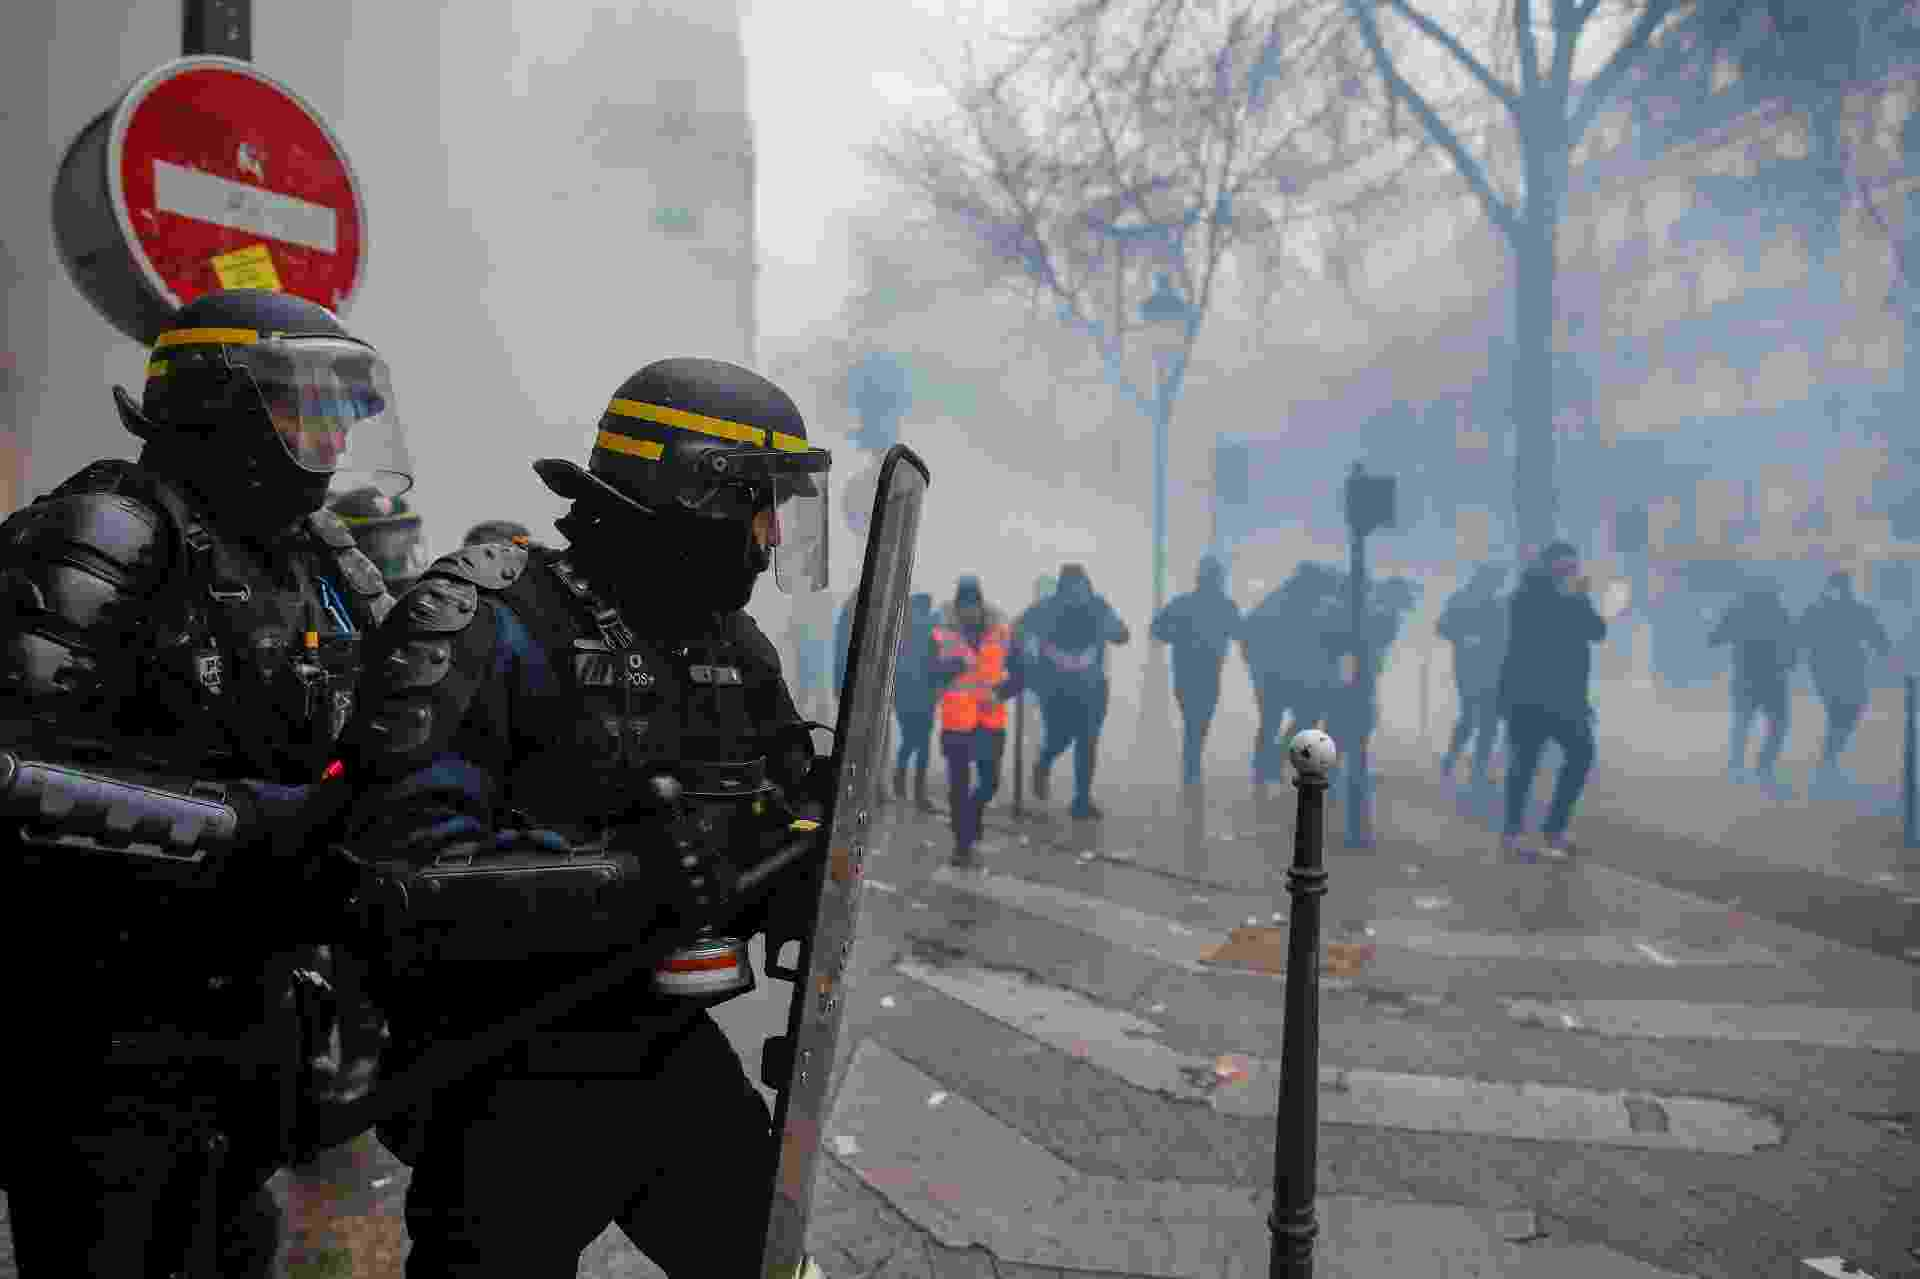 05.dez.2019 - Greve geral na França teve confronto com a polícia, que usou bombas de gás - REUTERS/Christian Hartmann